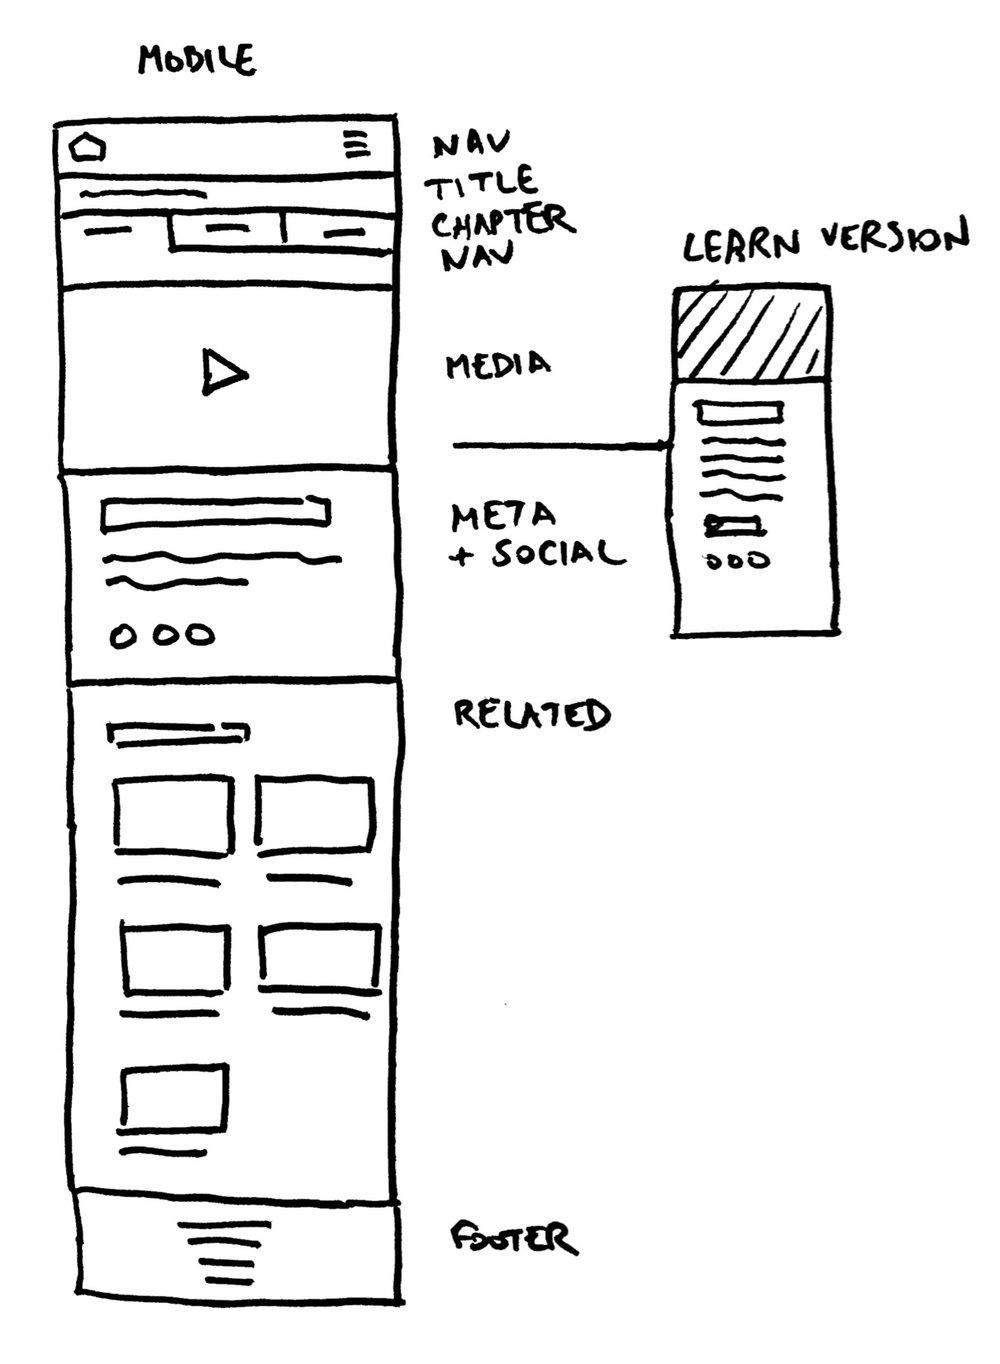 IA_Sketch_V2a.jpg